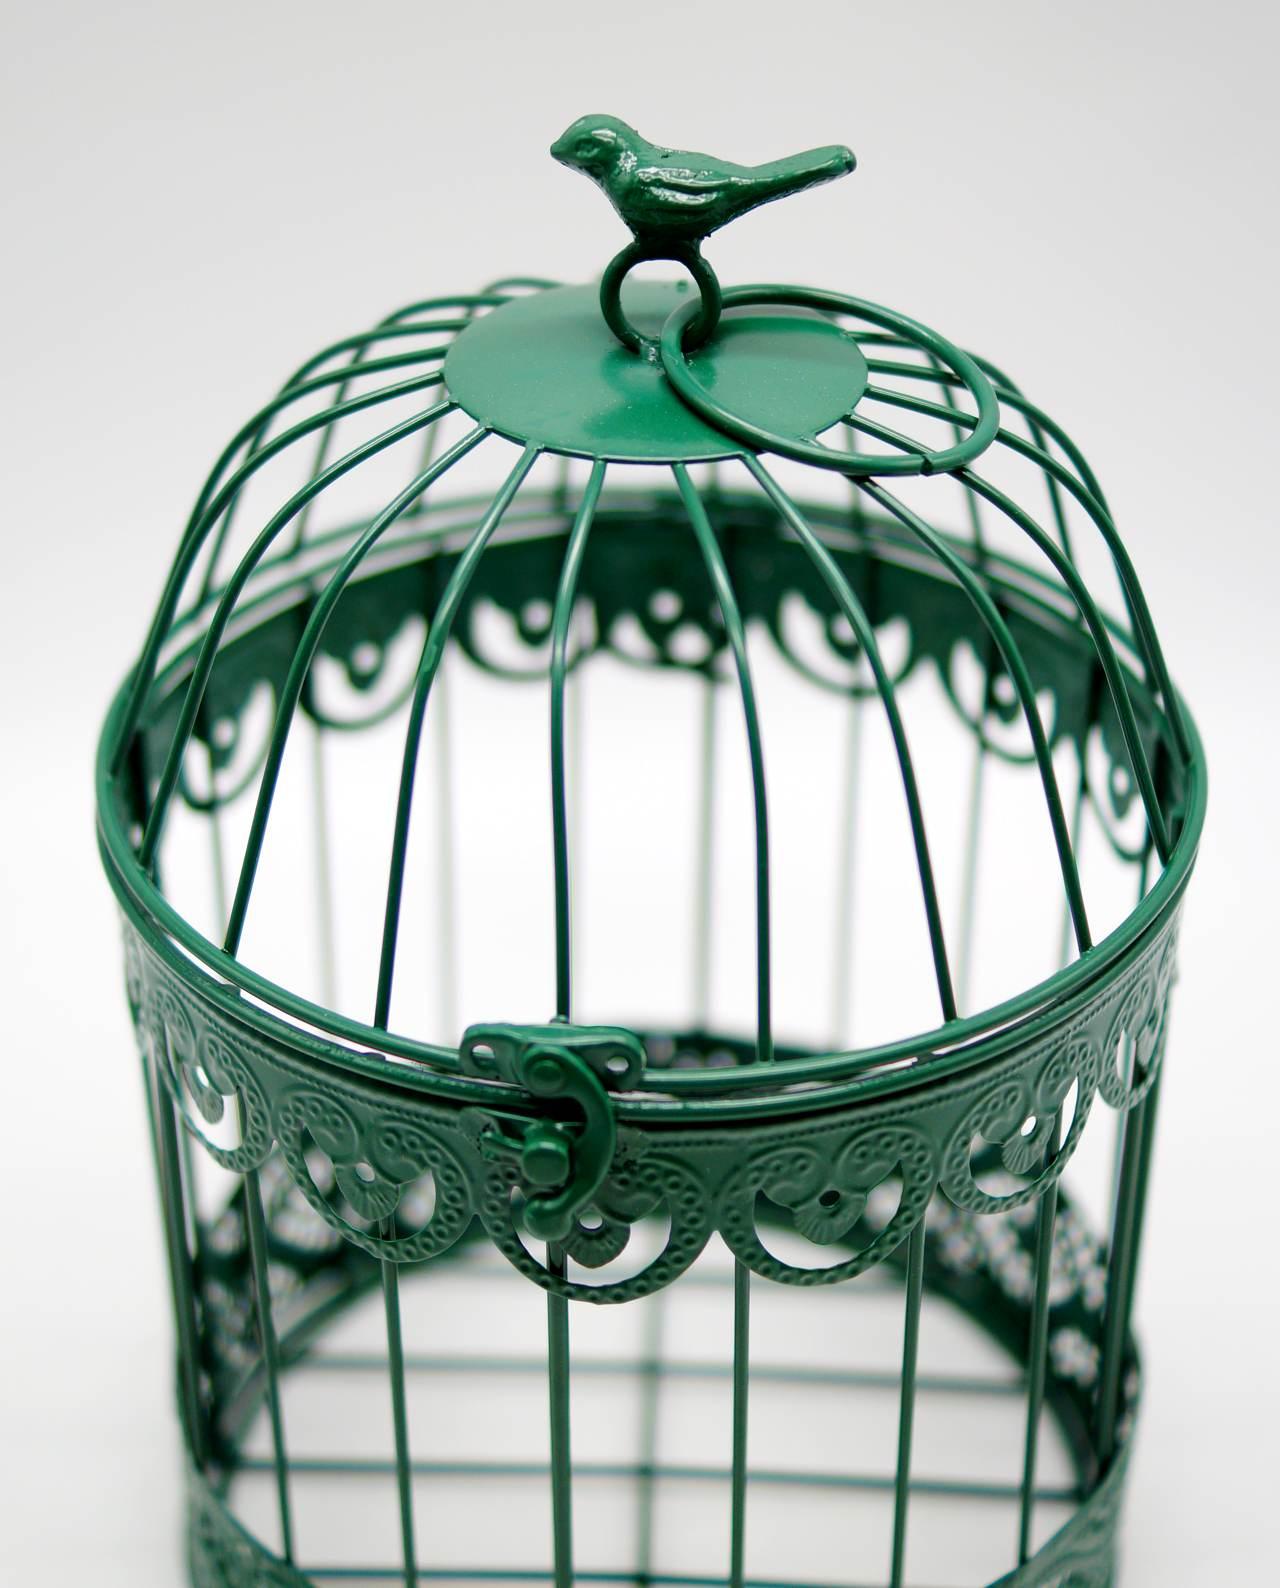 Birdcage Metallic Green Height 30 cm